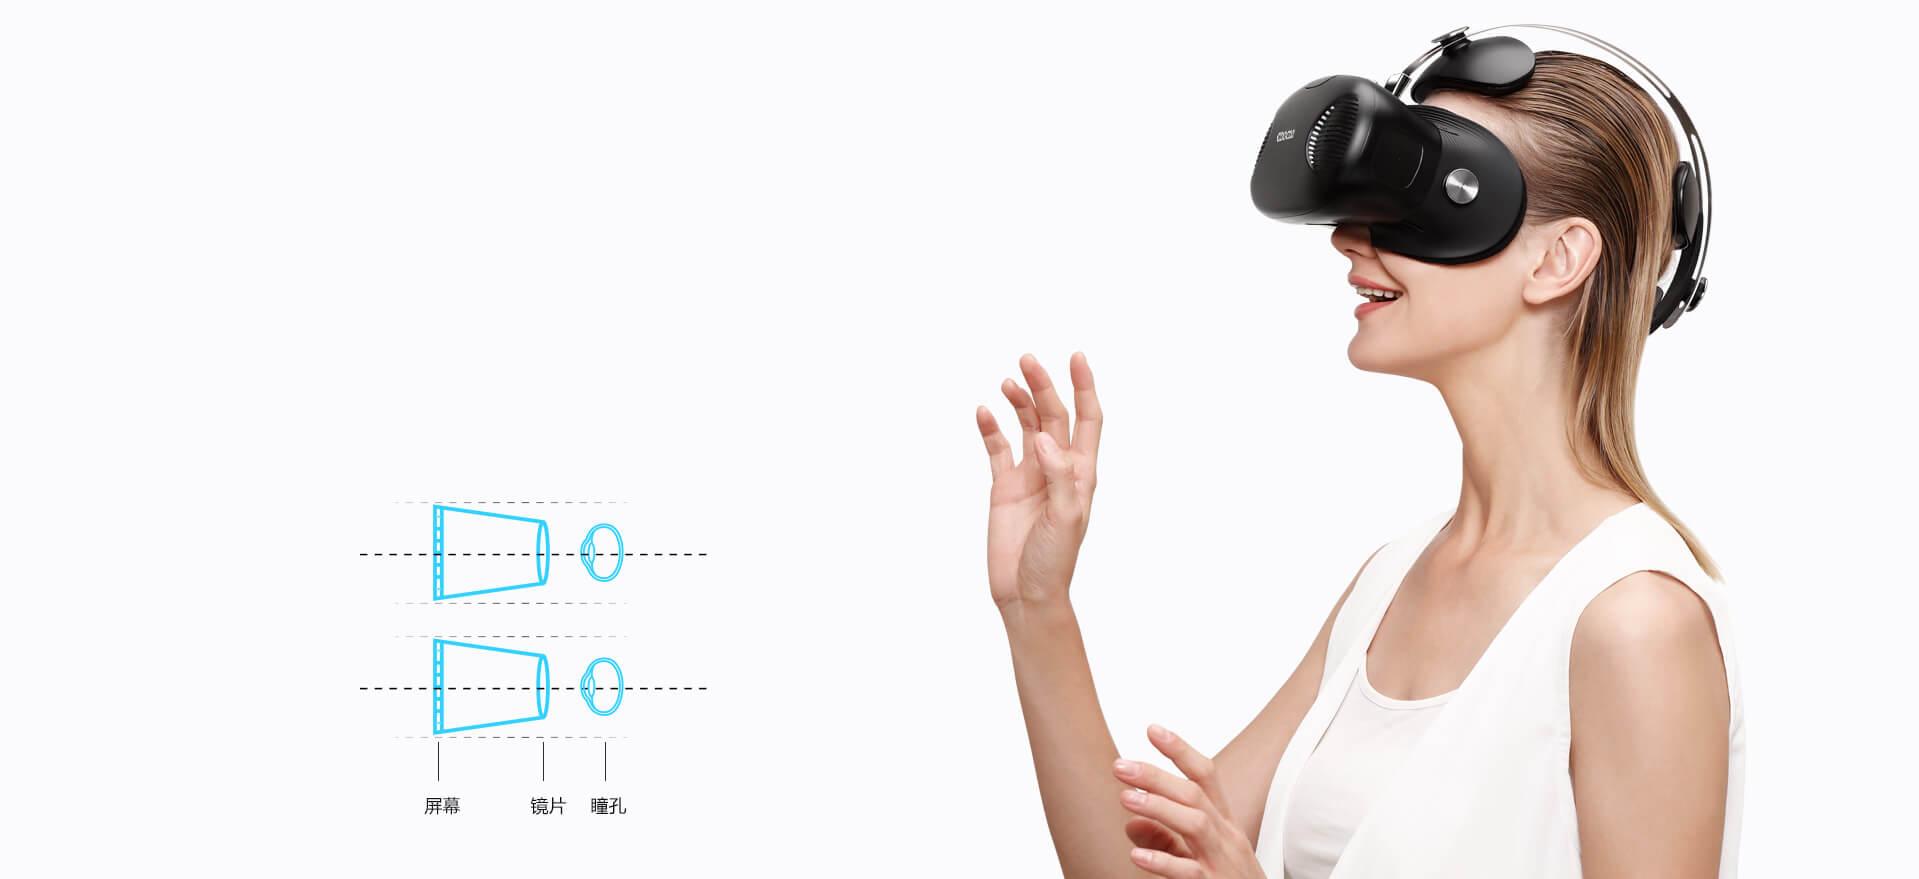 同步双独立光学系统-酷开VR一体机